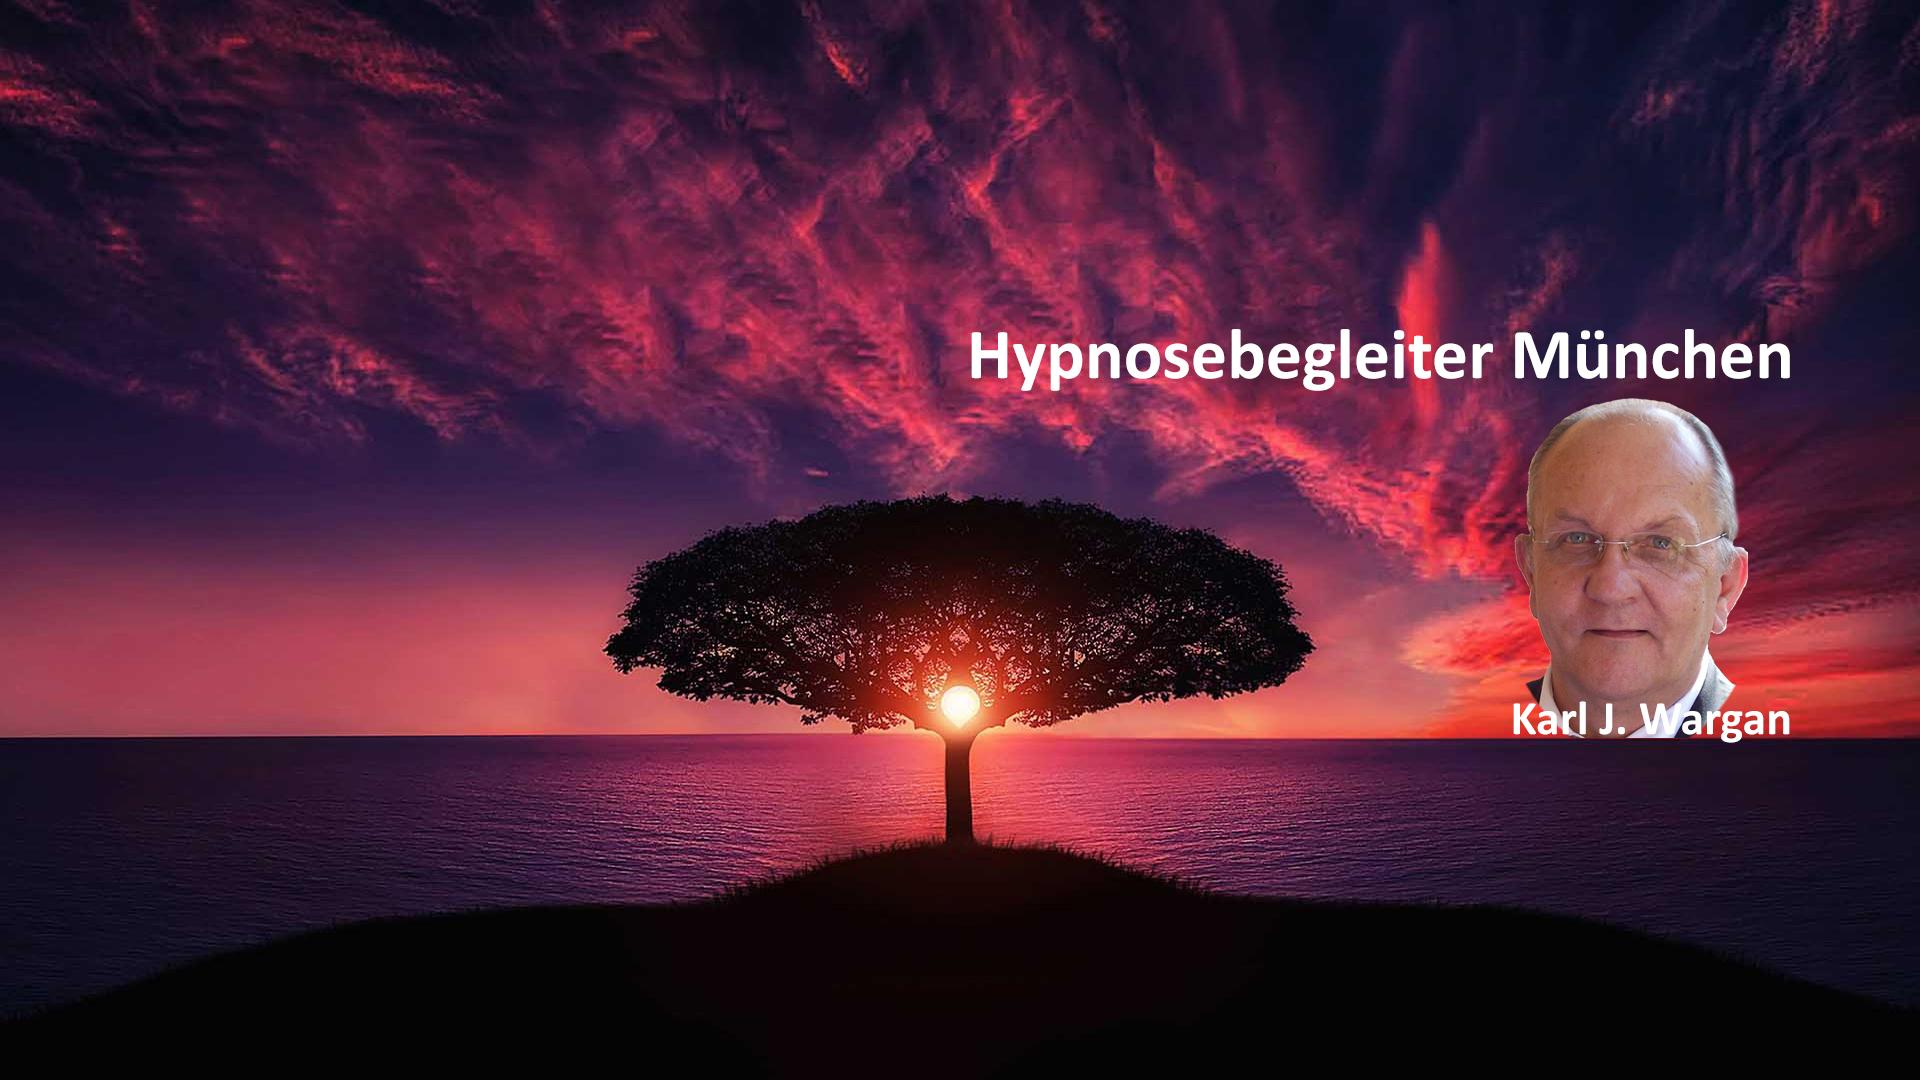 Karl J. Wargan Hypnosebegleiter München